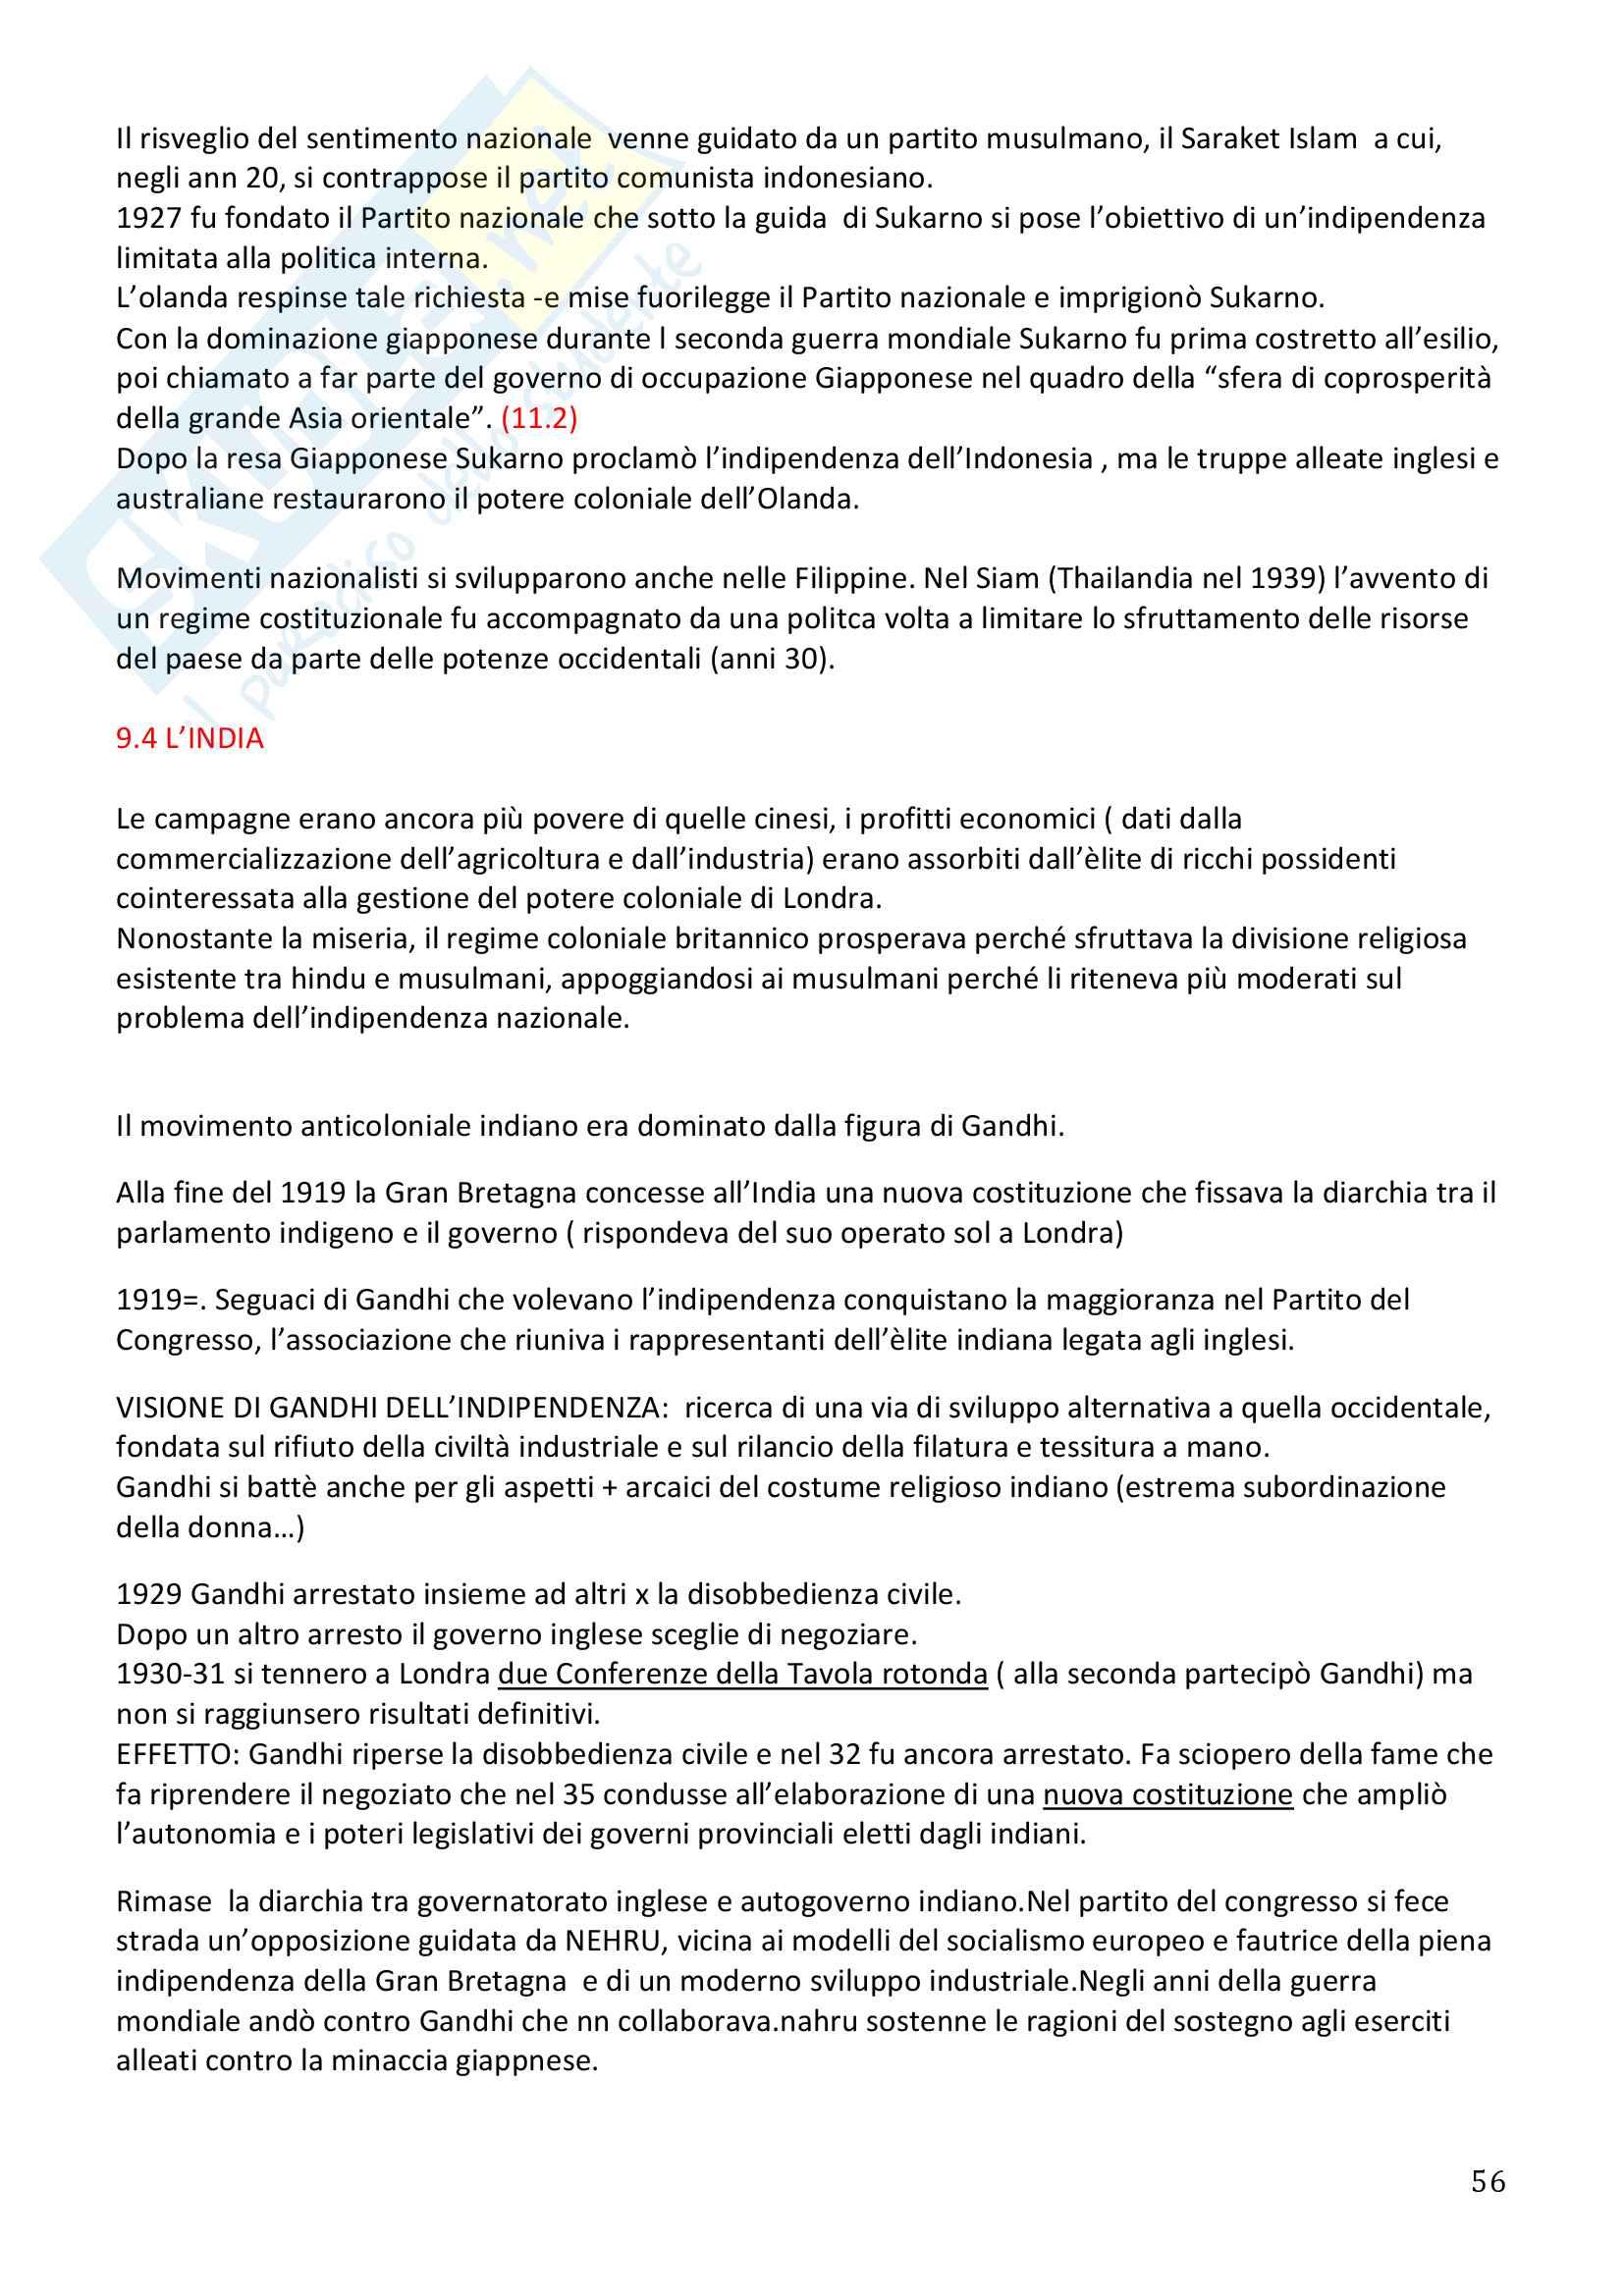 Storia Contemporanea, Detti, Gozzini il Novecento - Riassunto Pag. 56